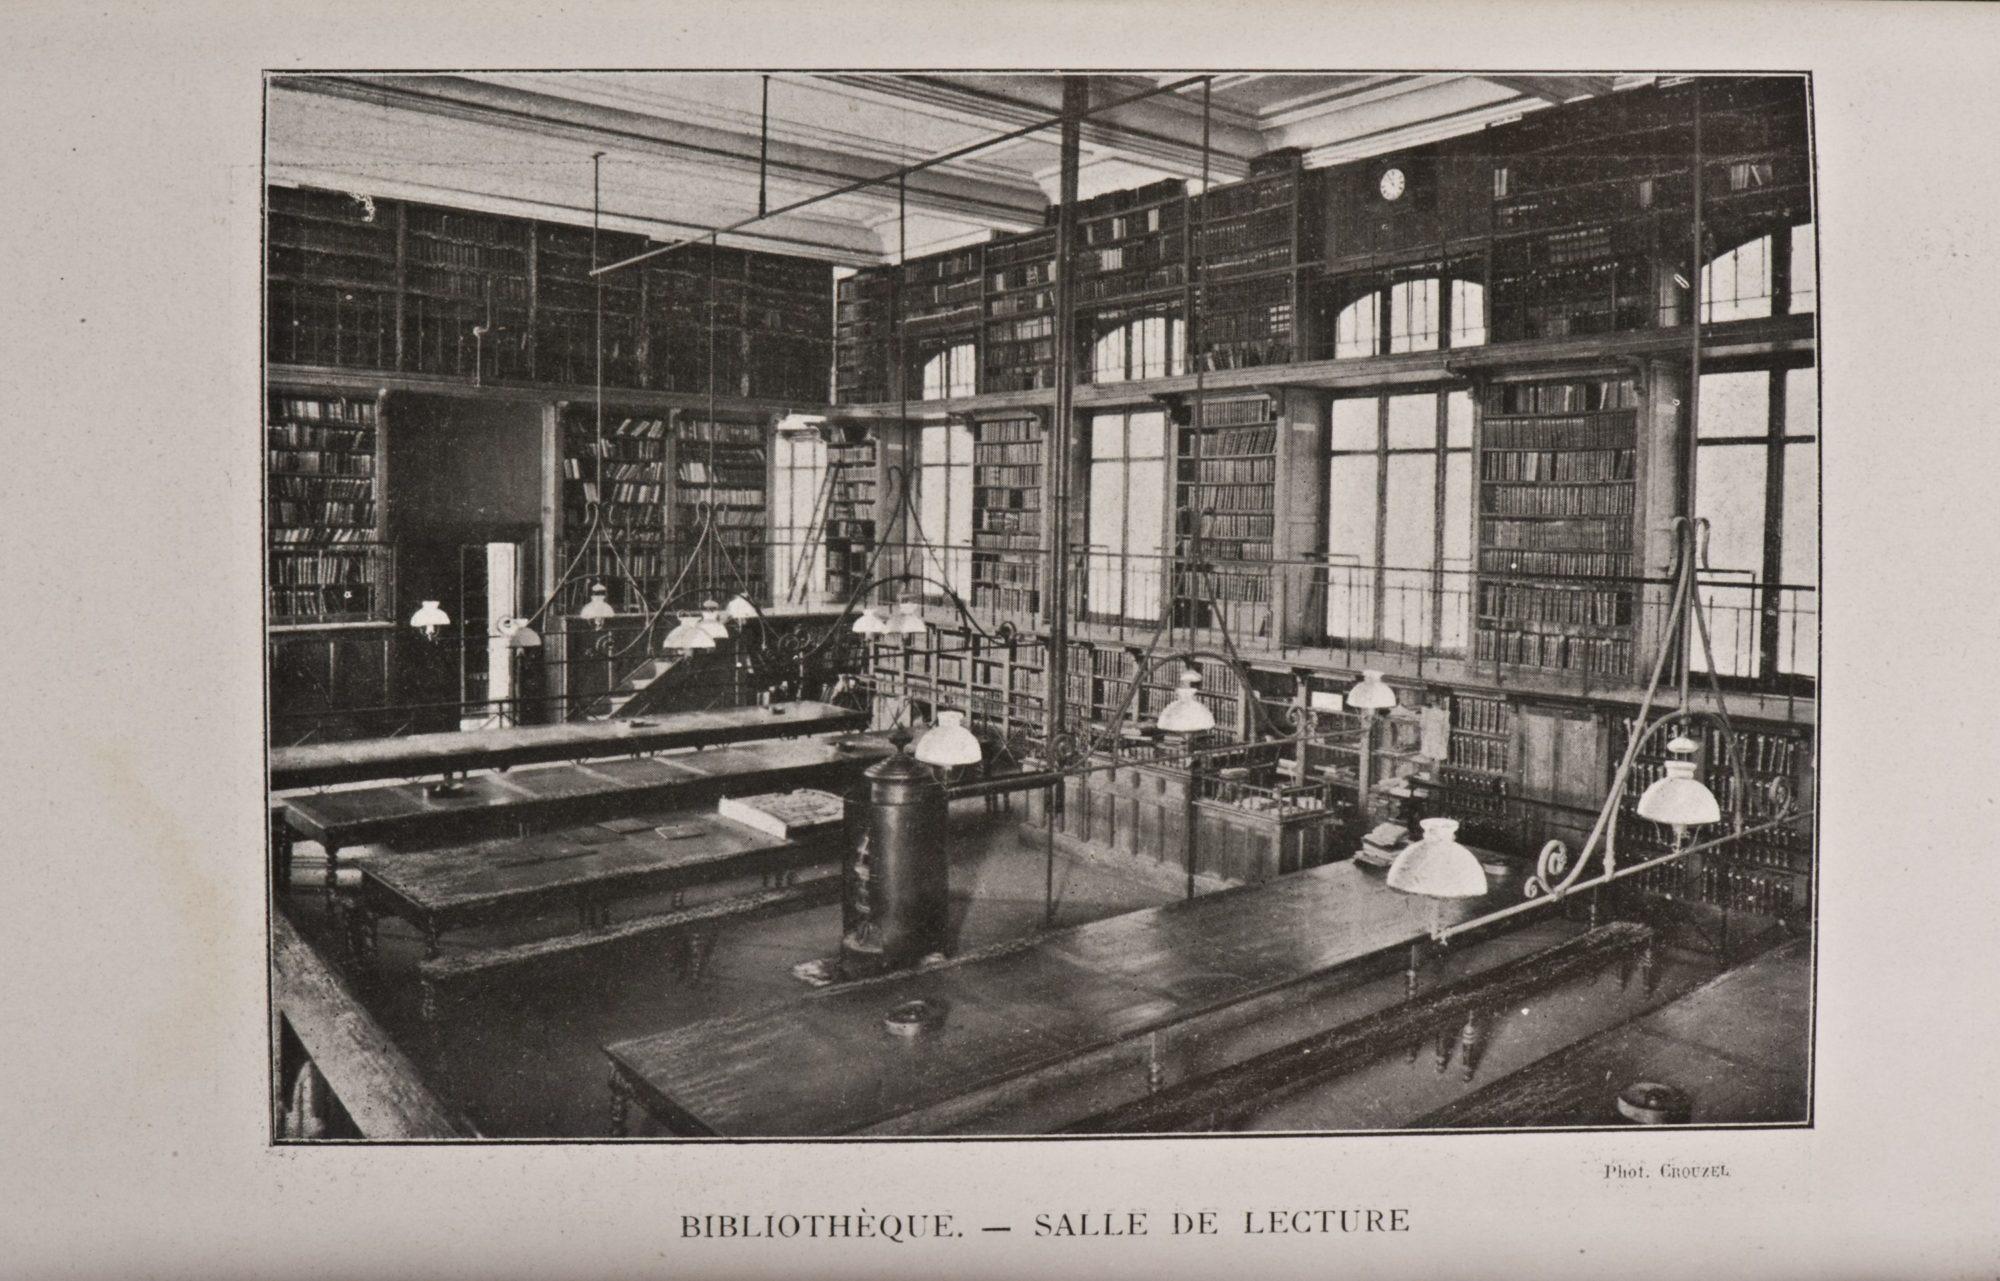 dans : J. Barbot, Chroniques de la faculté de médecine, 1905